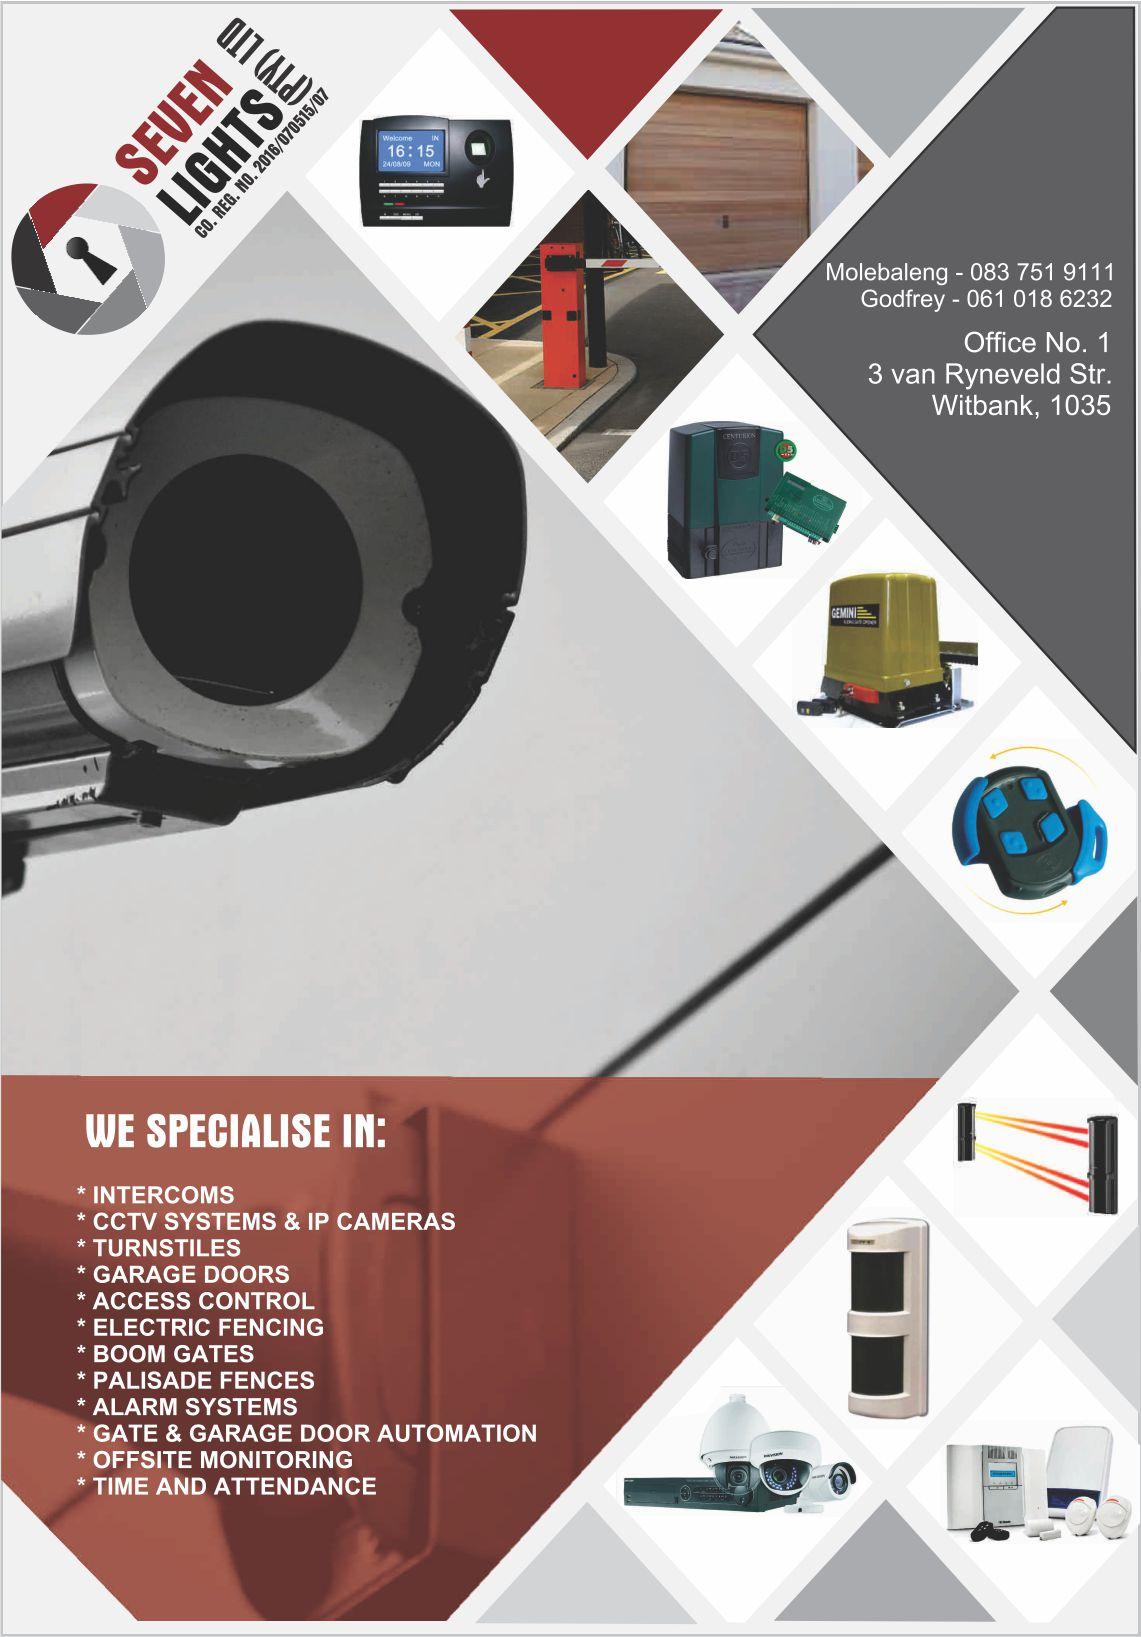 INSTALLATION OF CCTV, GATEMOTORS, GARAGE DOOR MOTORS, ALARM SYSTEMS, ELECTRIC FENCES & ACCESS CONTROL